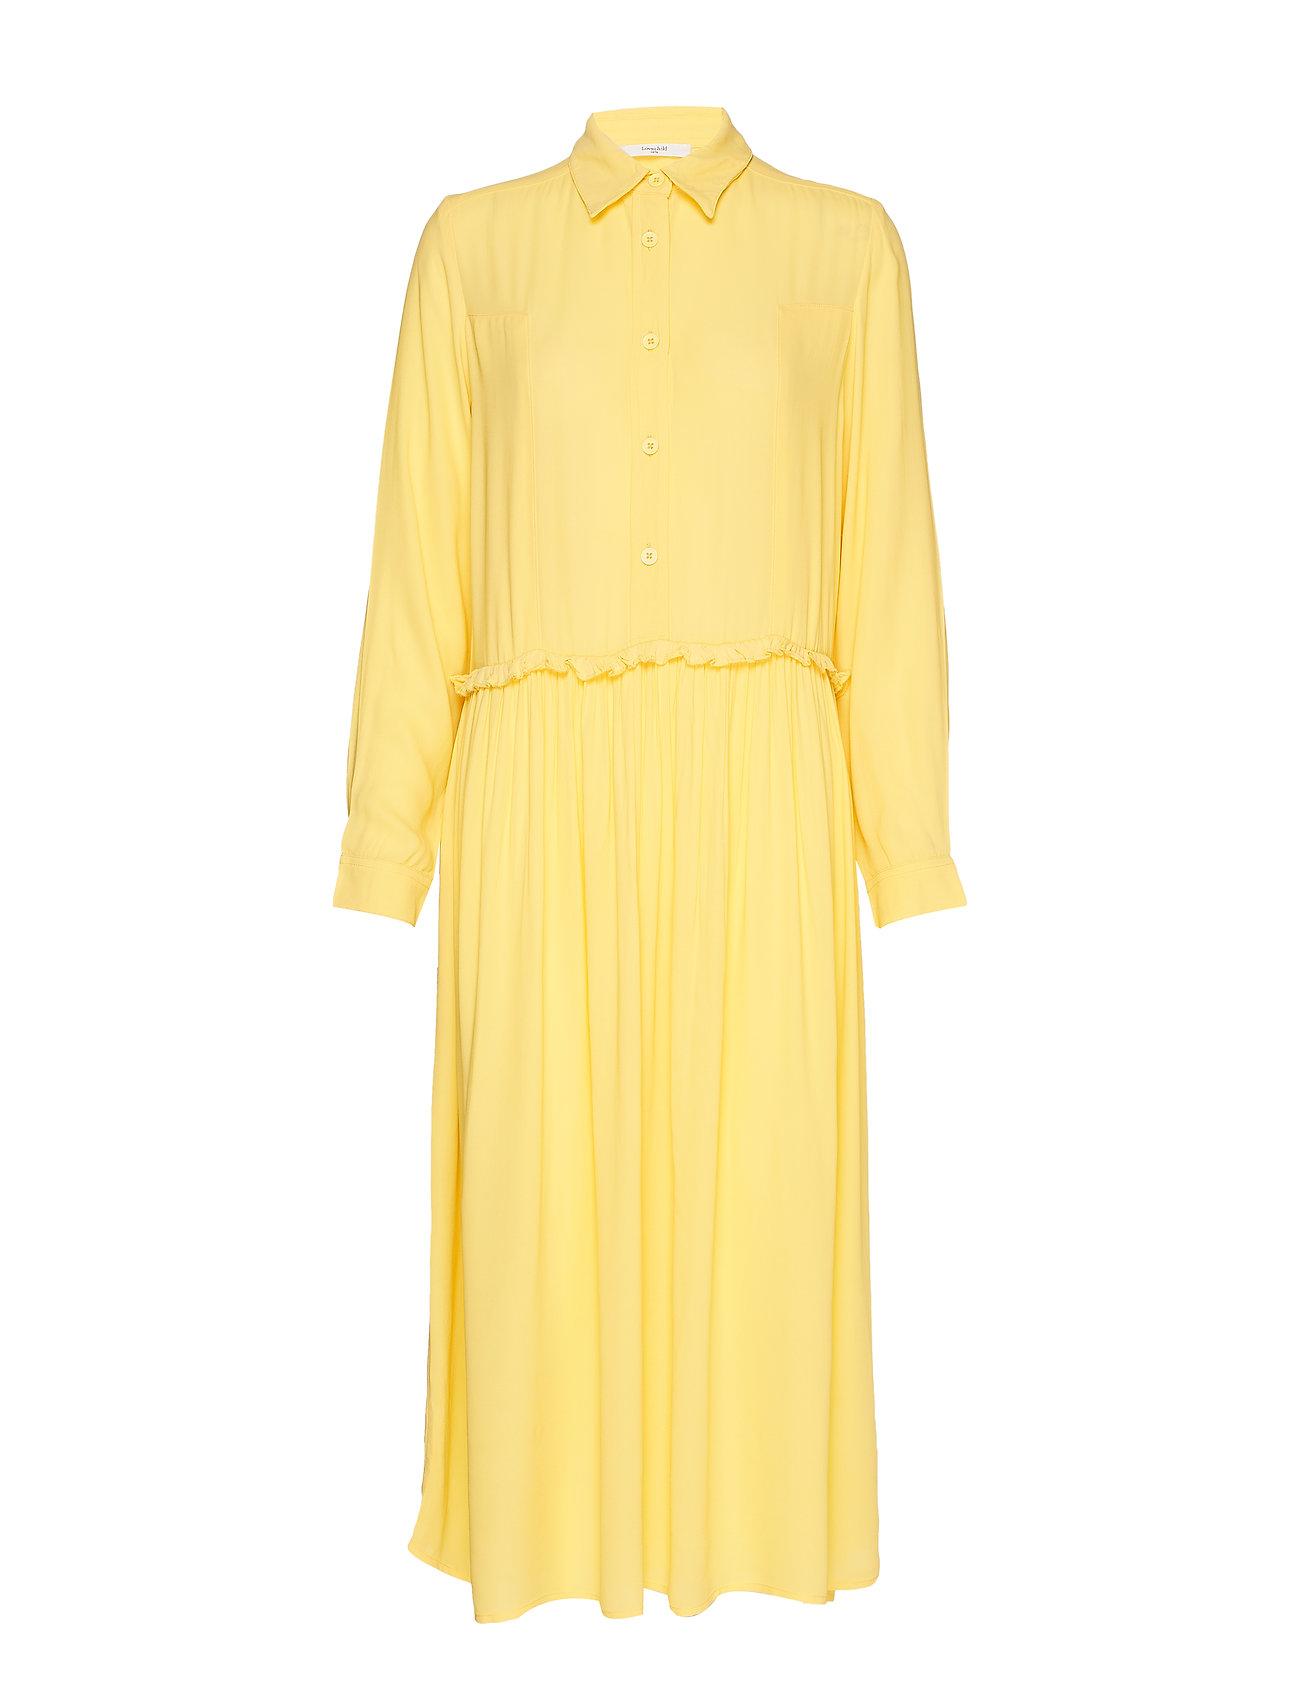 Lovechild 1979 Jolene Dress - PALE BANANA